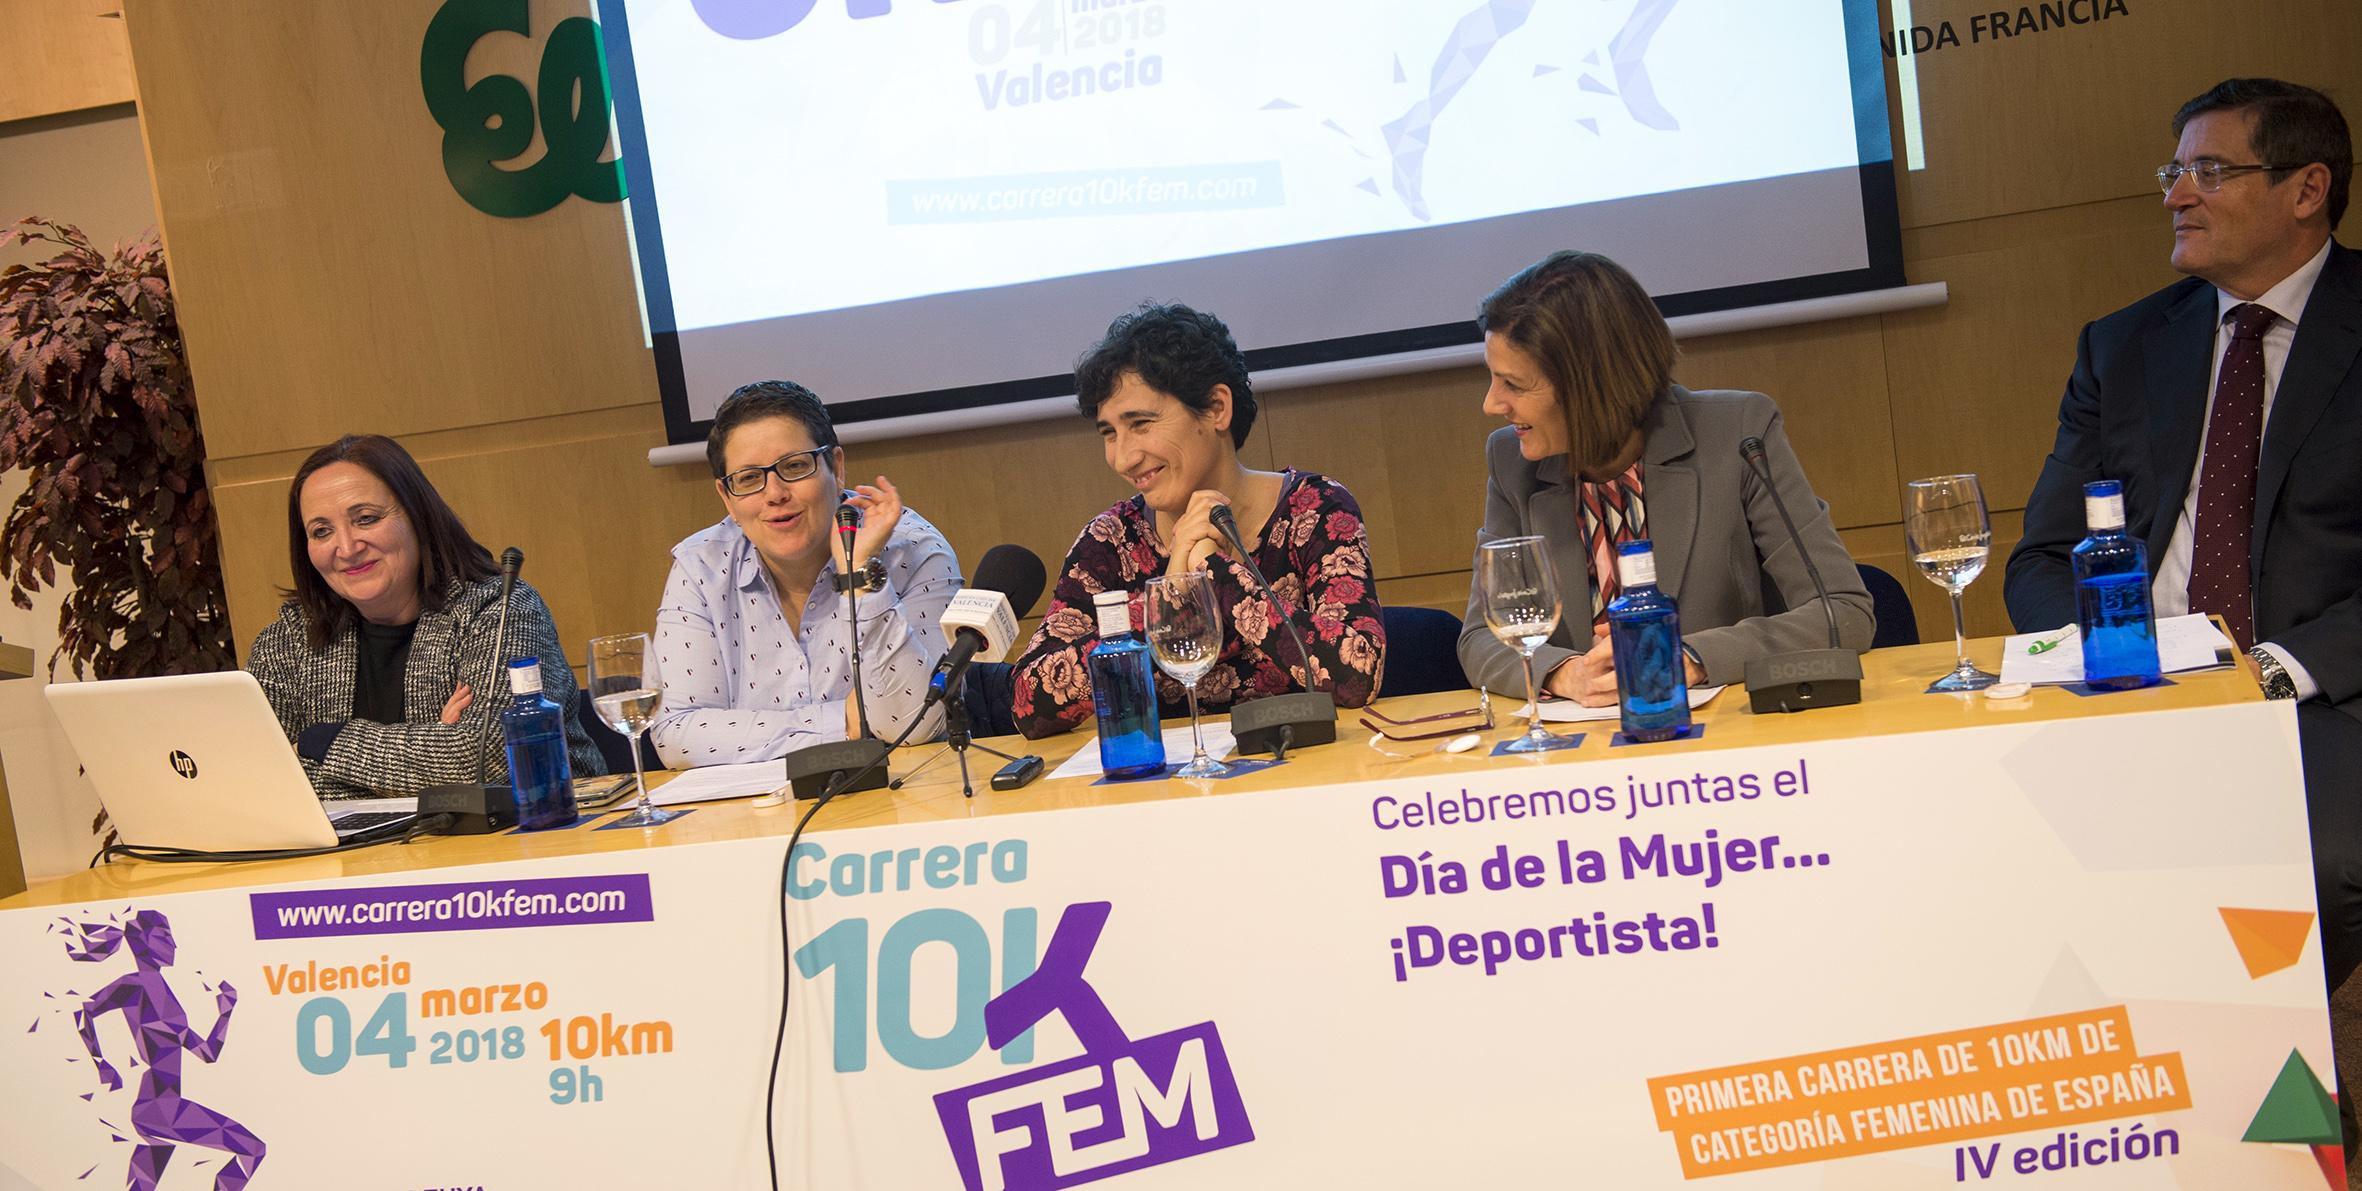 La diputada Isabel García junto a la directora de la 10K Femenina Mara Aparicio, la regidora de Deportes de Valencia Maite Girau y dos de los patrocinadores de la carrera.